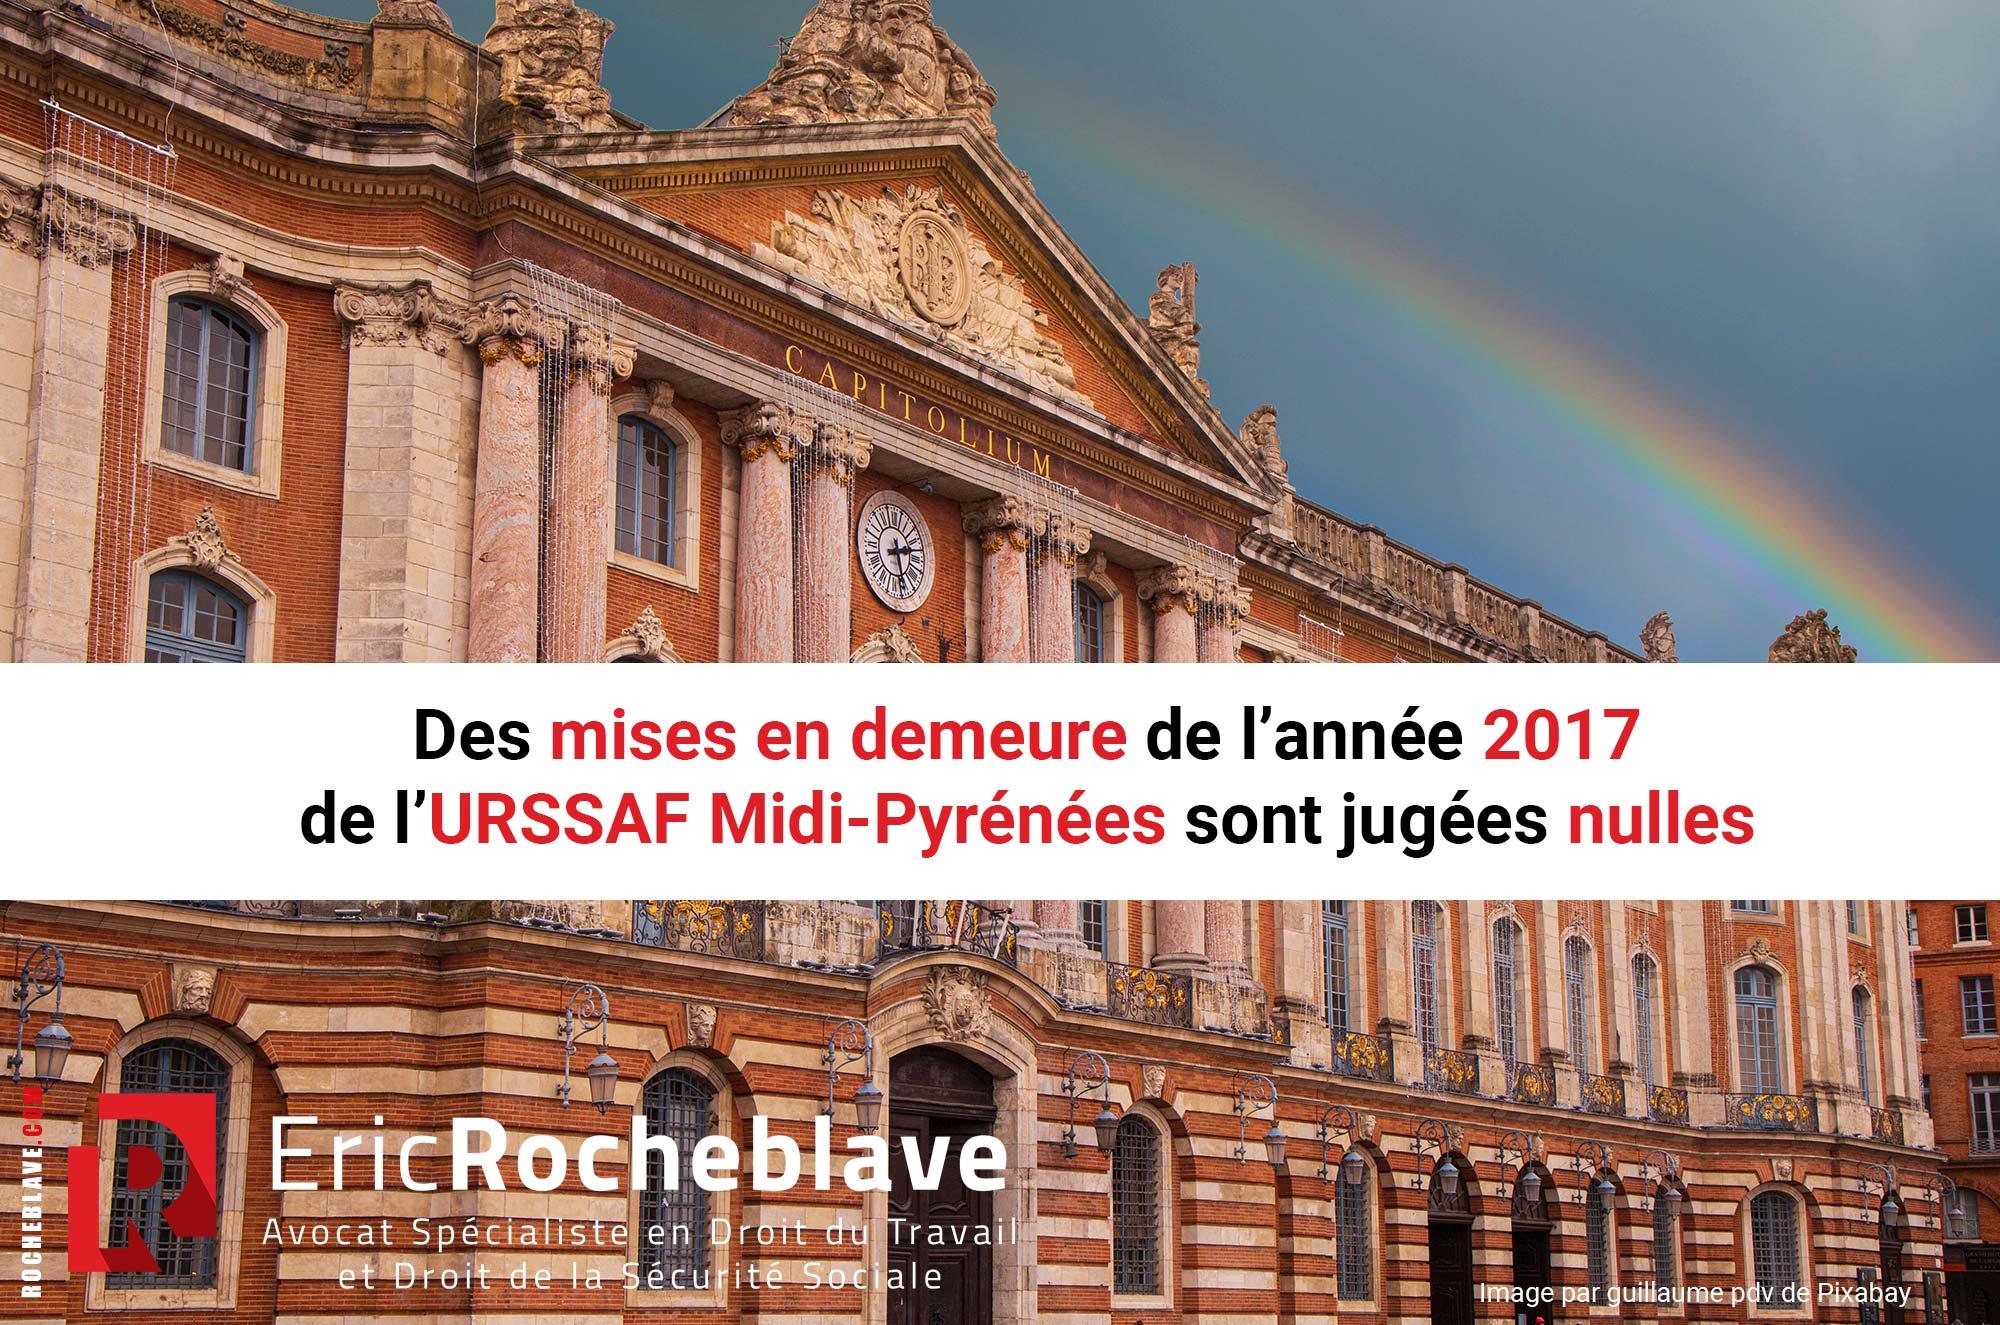 Des mises en demeure de l'année 2017 de l'URSSAF Midi-Pyrénées sont jugées nulles